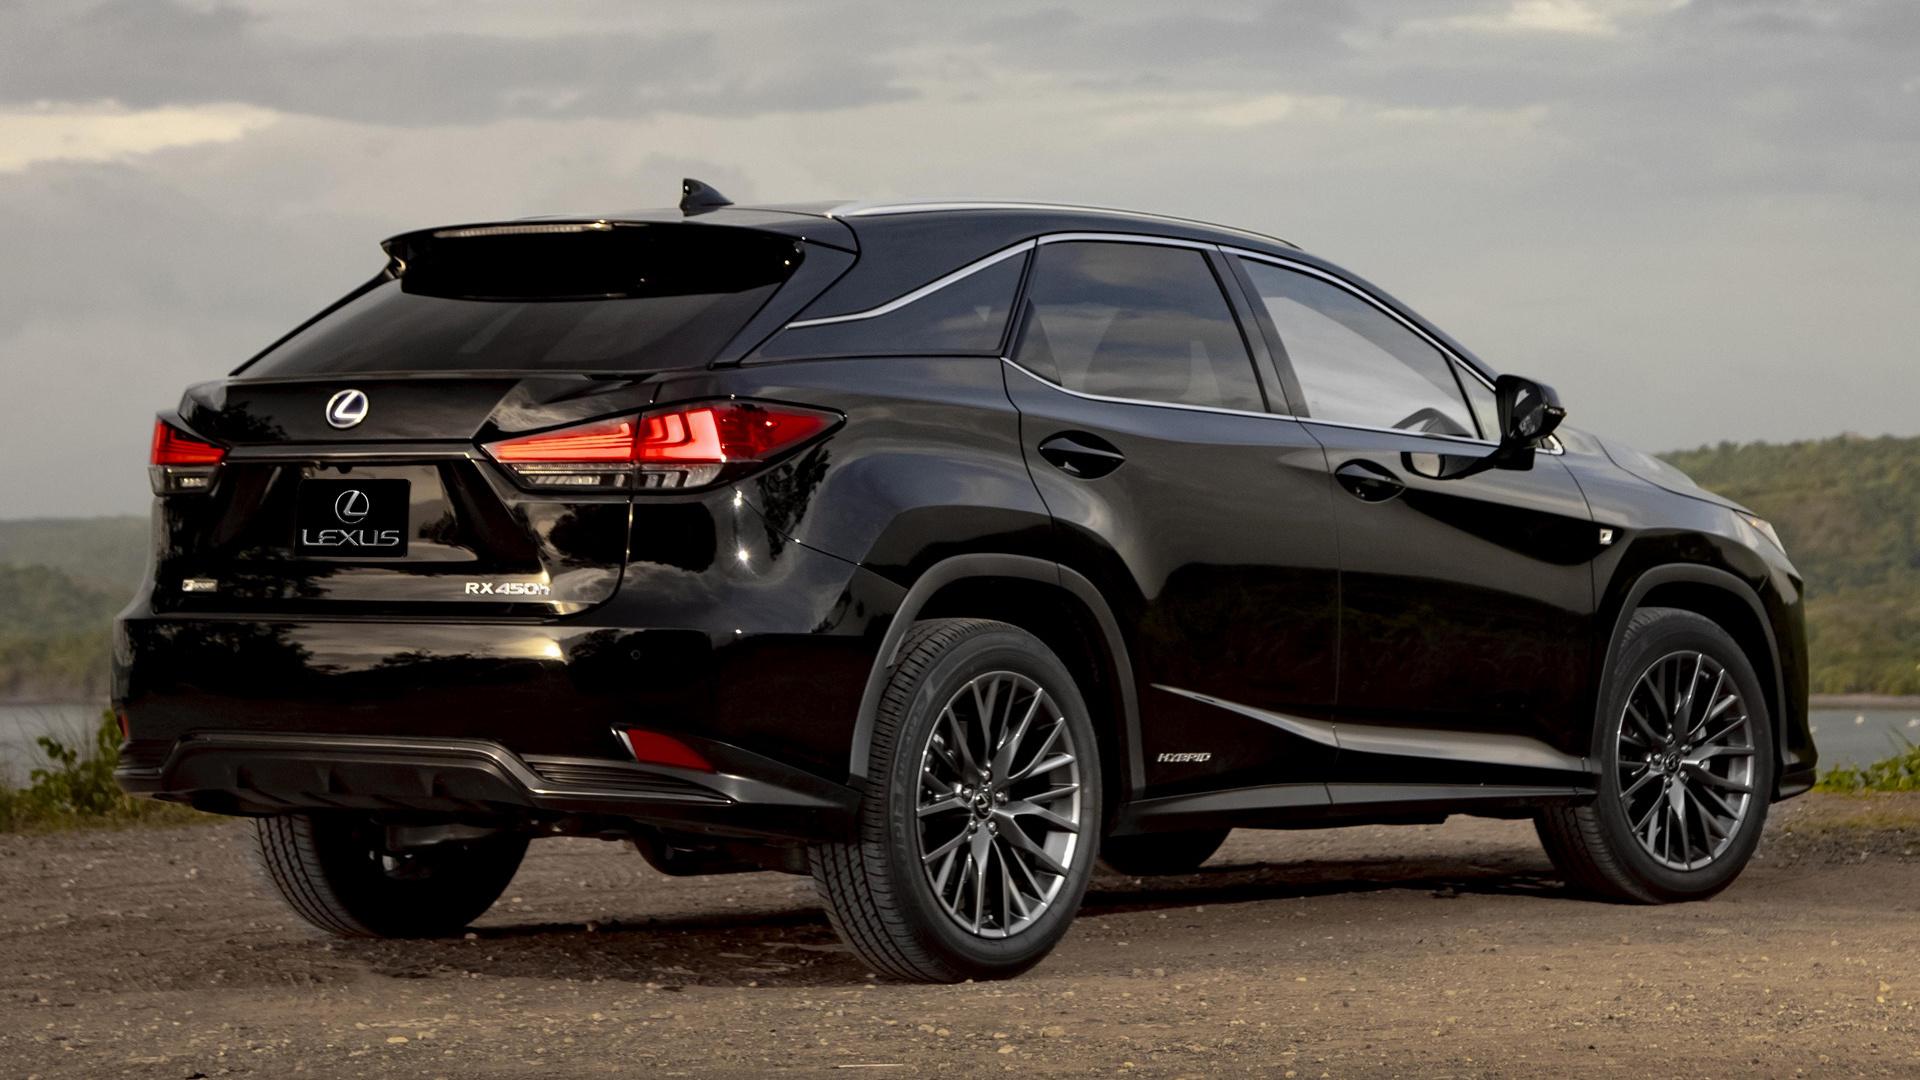 2020 Lexus RX 450h Picture